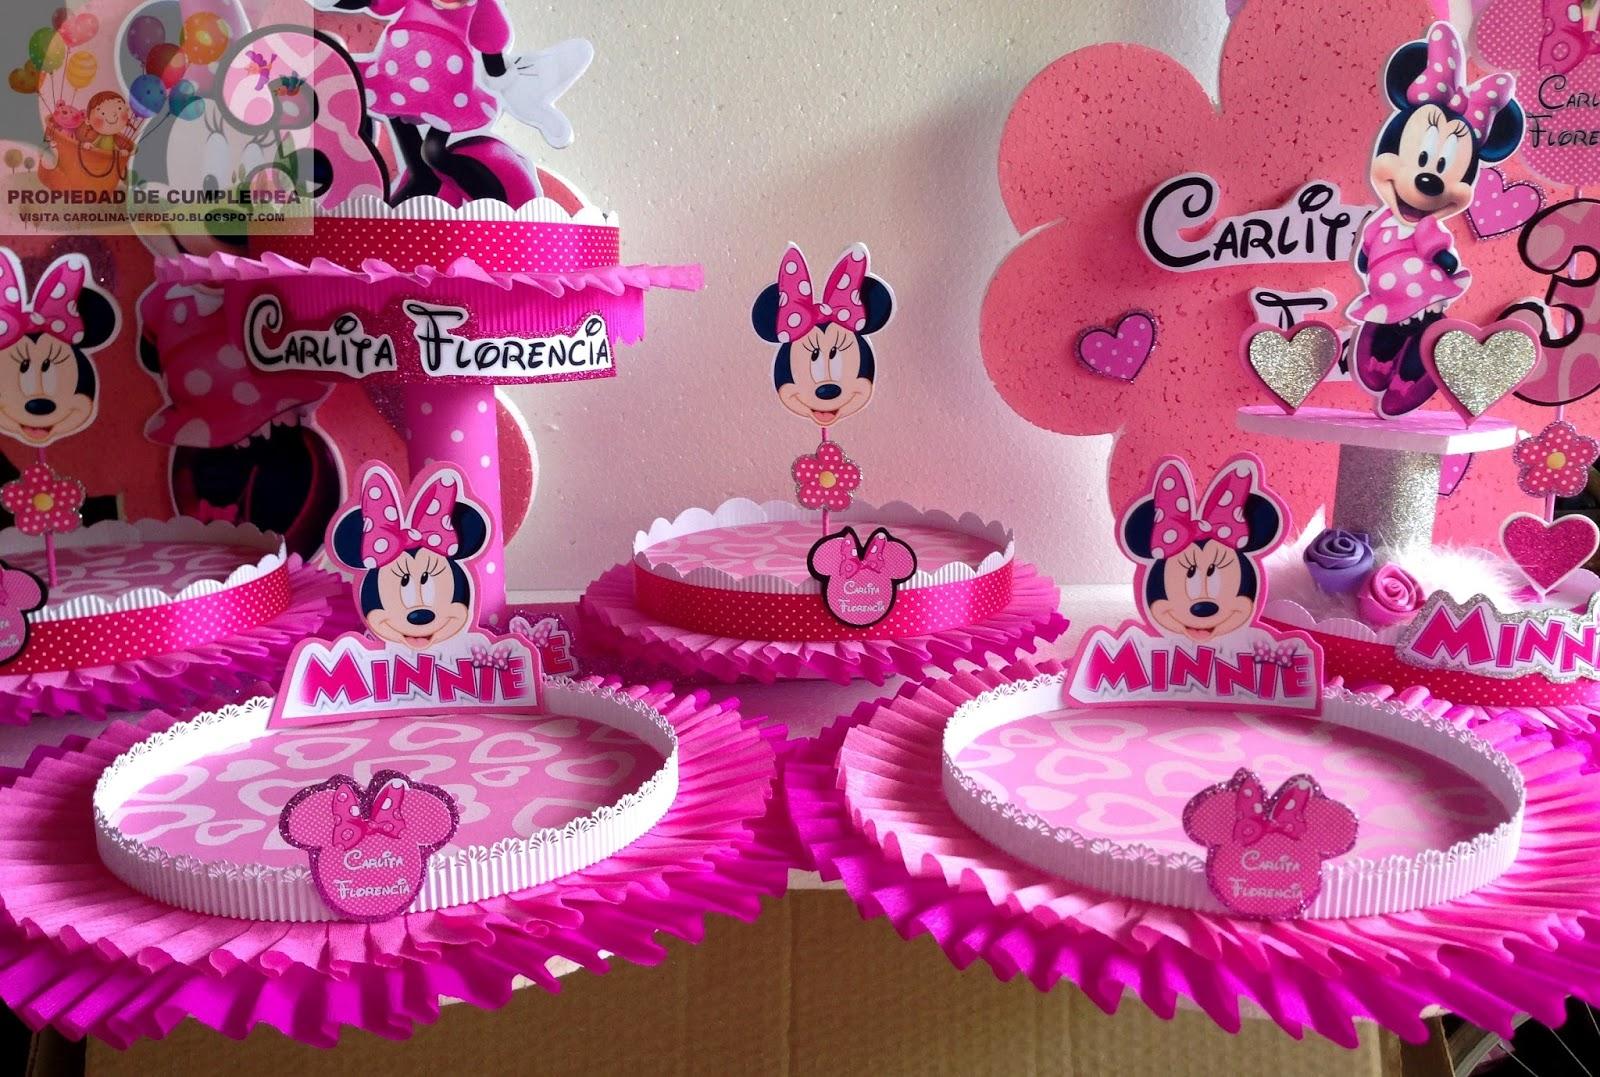 Minnie Decoraciones Para Fiestas ~ Publicado por Carolina Verdejo S en 7 47